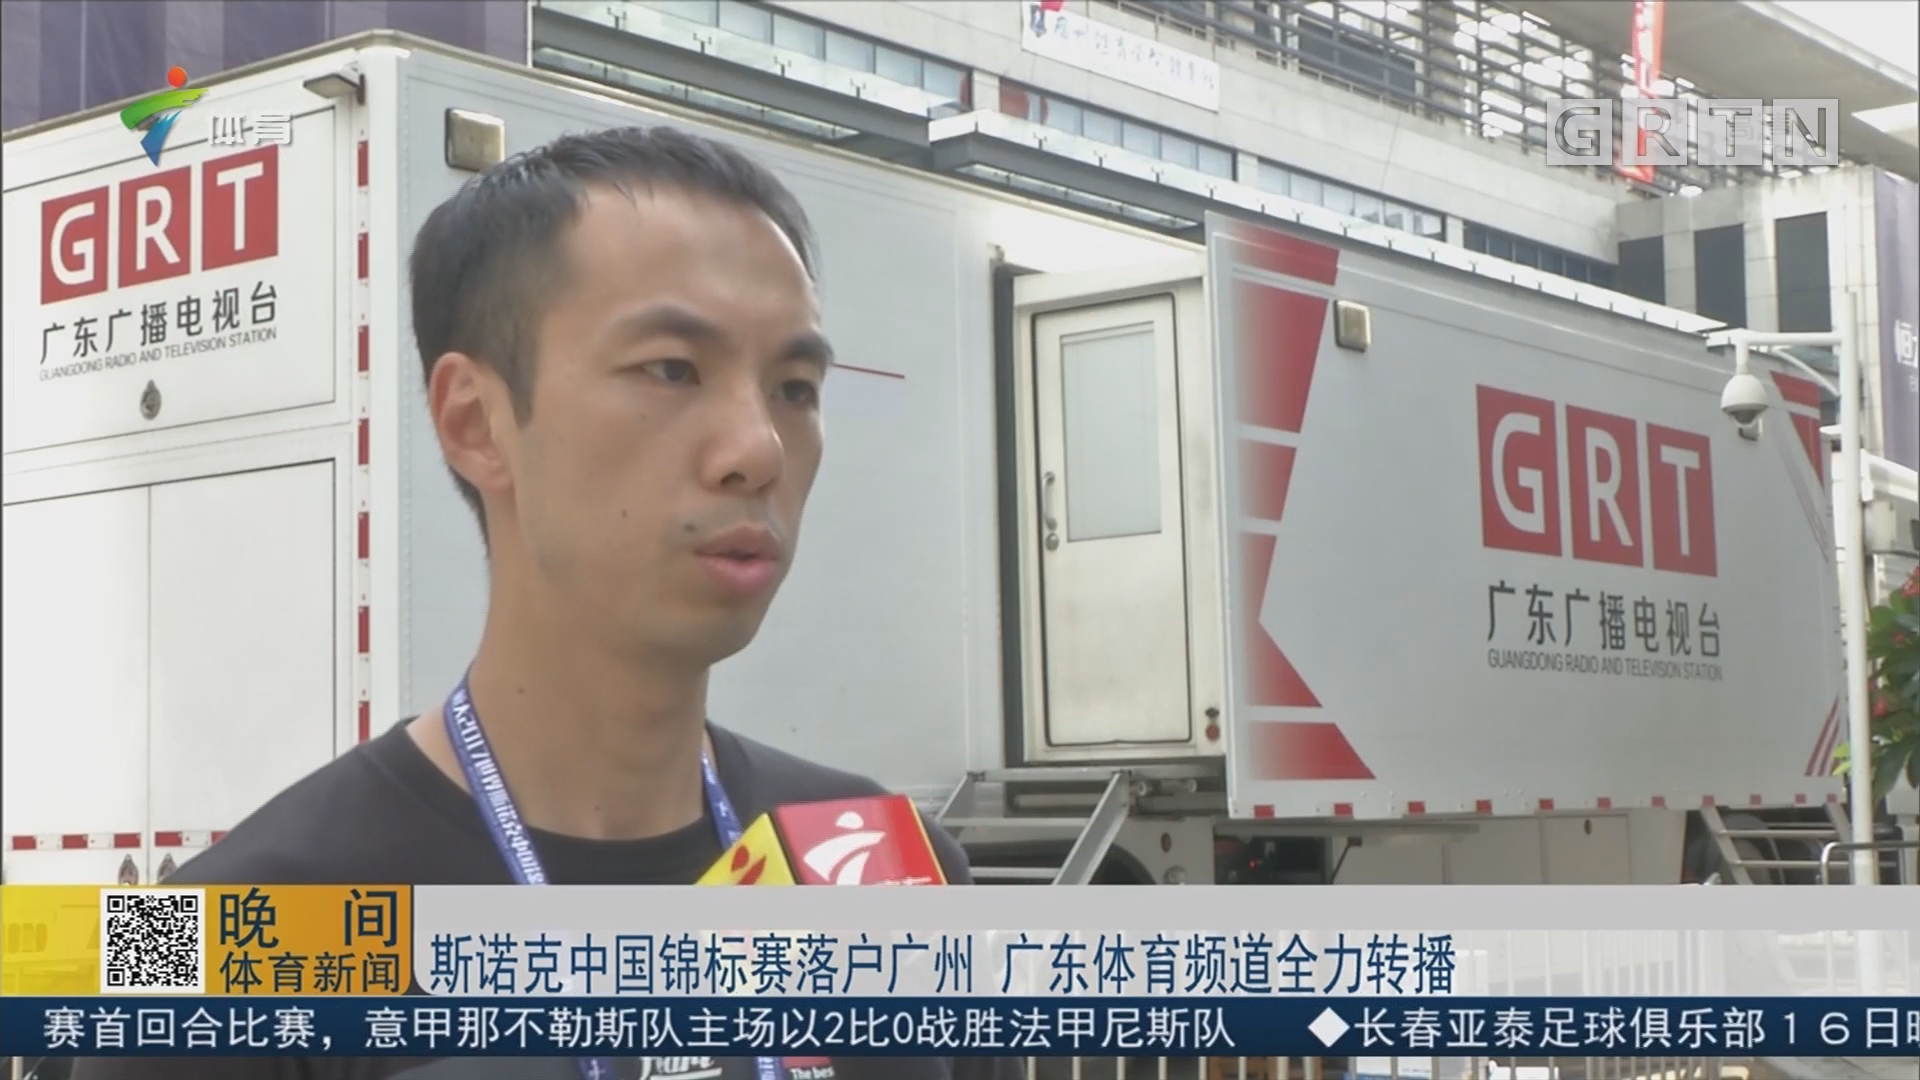 斯诺克中国锦标赛落户广州 广东体育频道全力转播